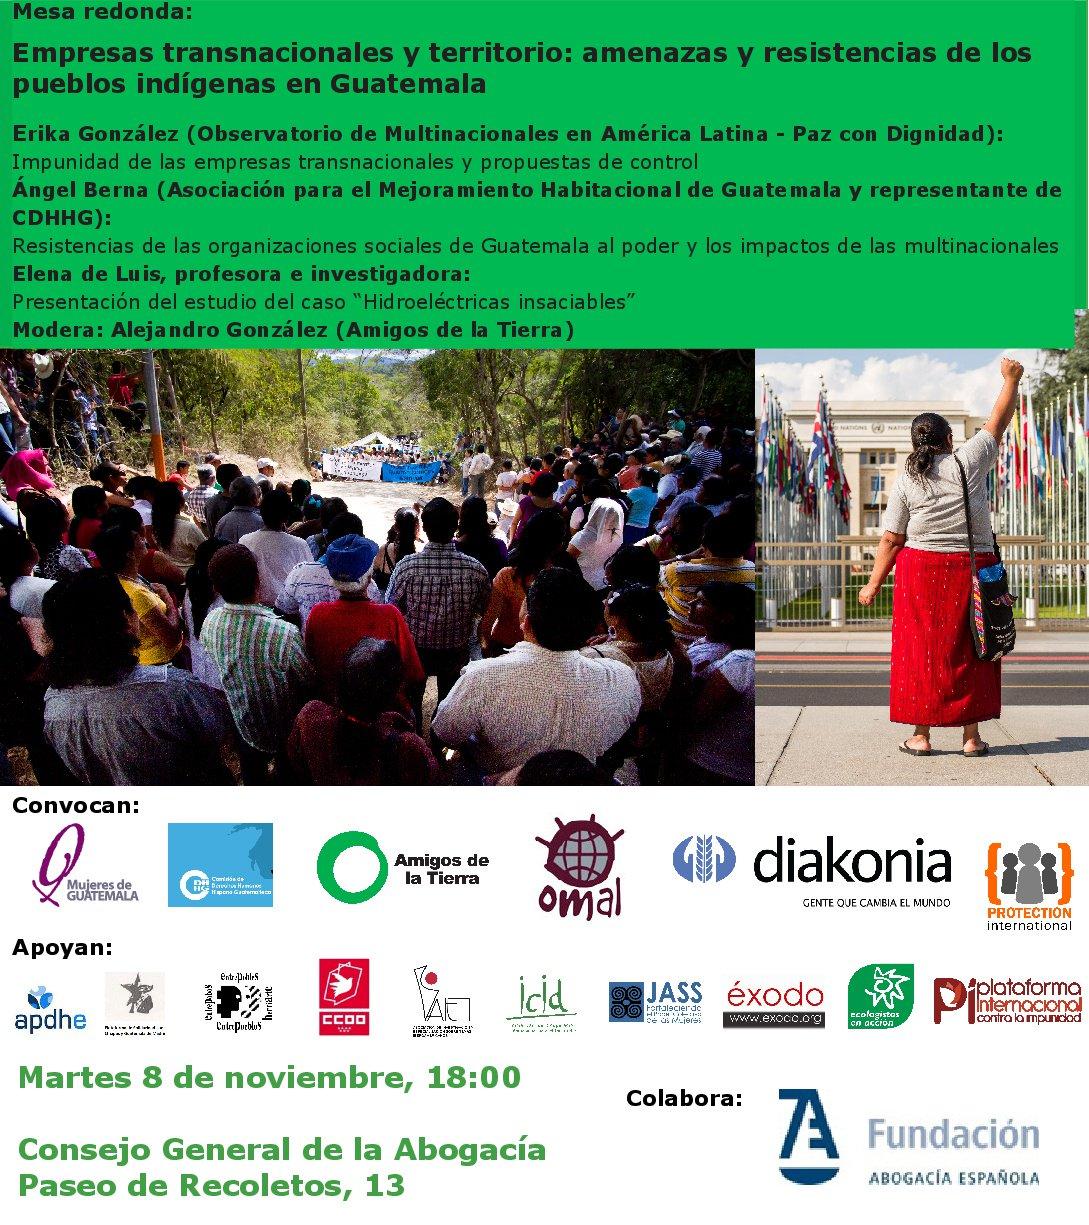 Ir a Empresas transnacionales y territorio. Amenazas y resistencias de los pueblos indígenas en Guatemala